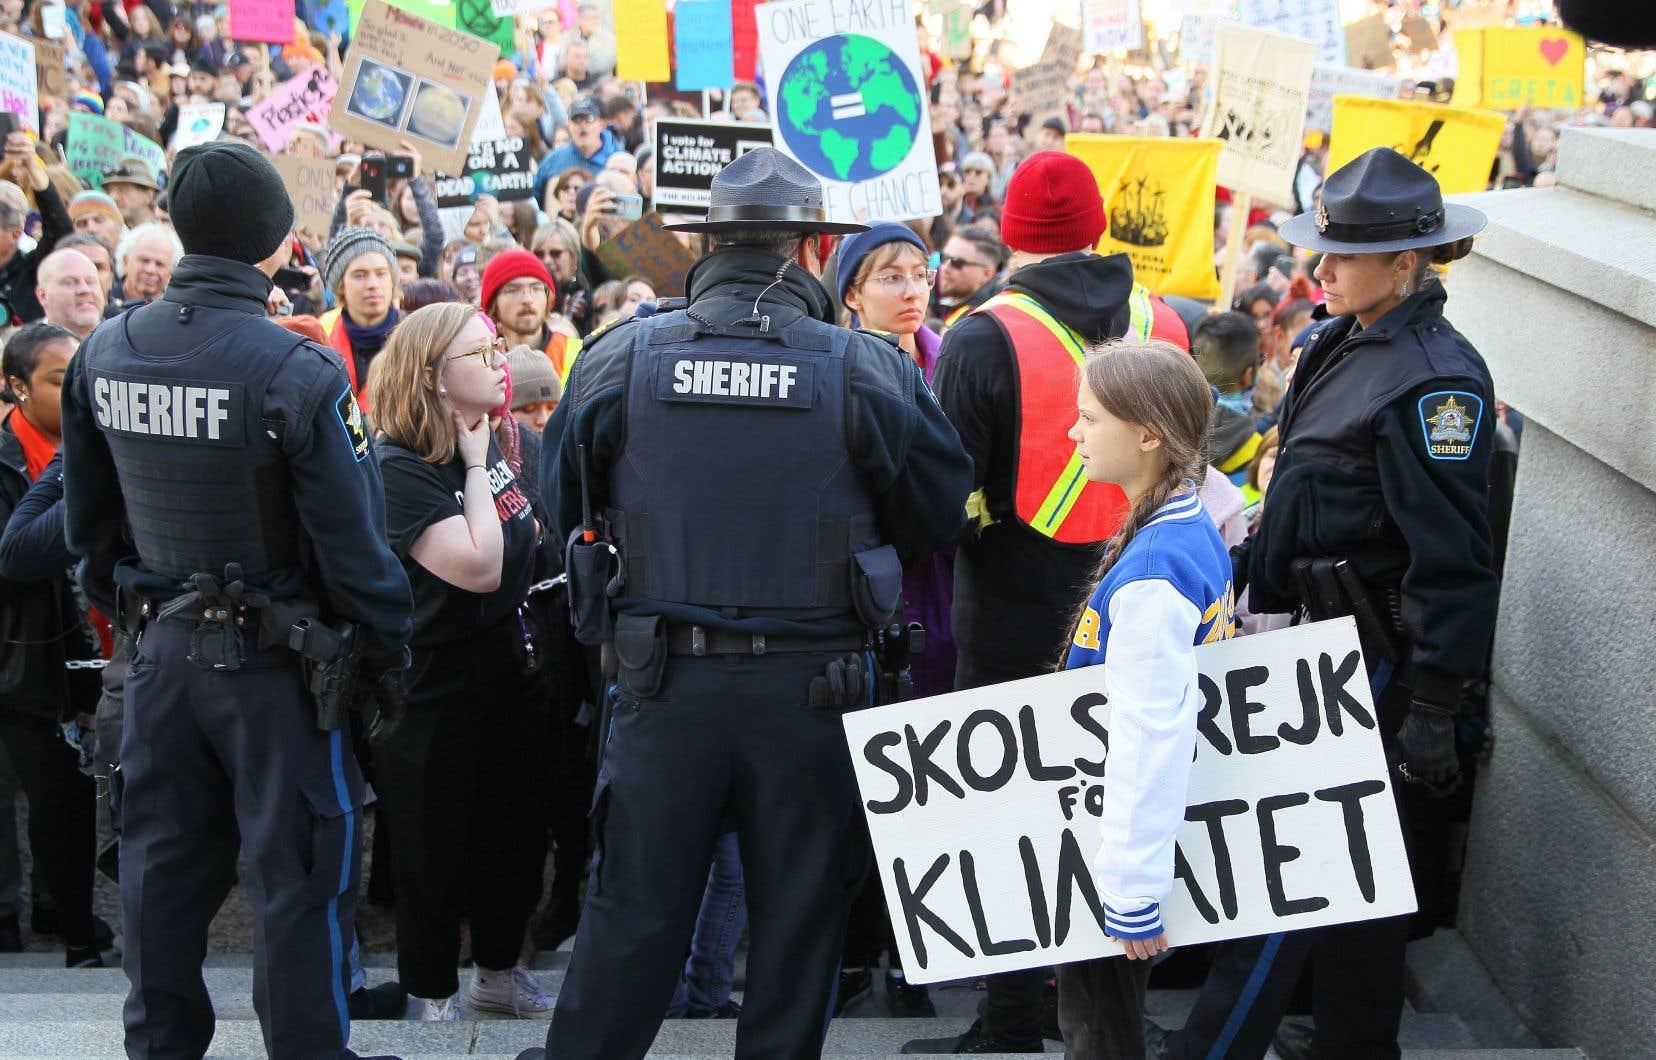 Des policiers étaient présents pour assurer le maintien de l'ordre à l'occasion de la visite de Greta Thunberg.